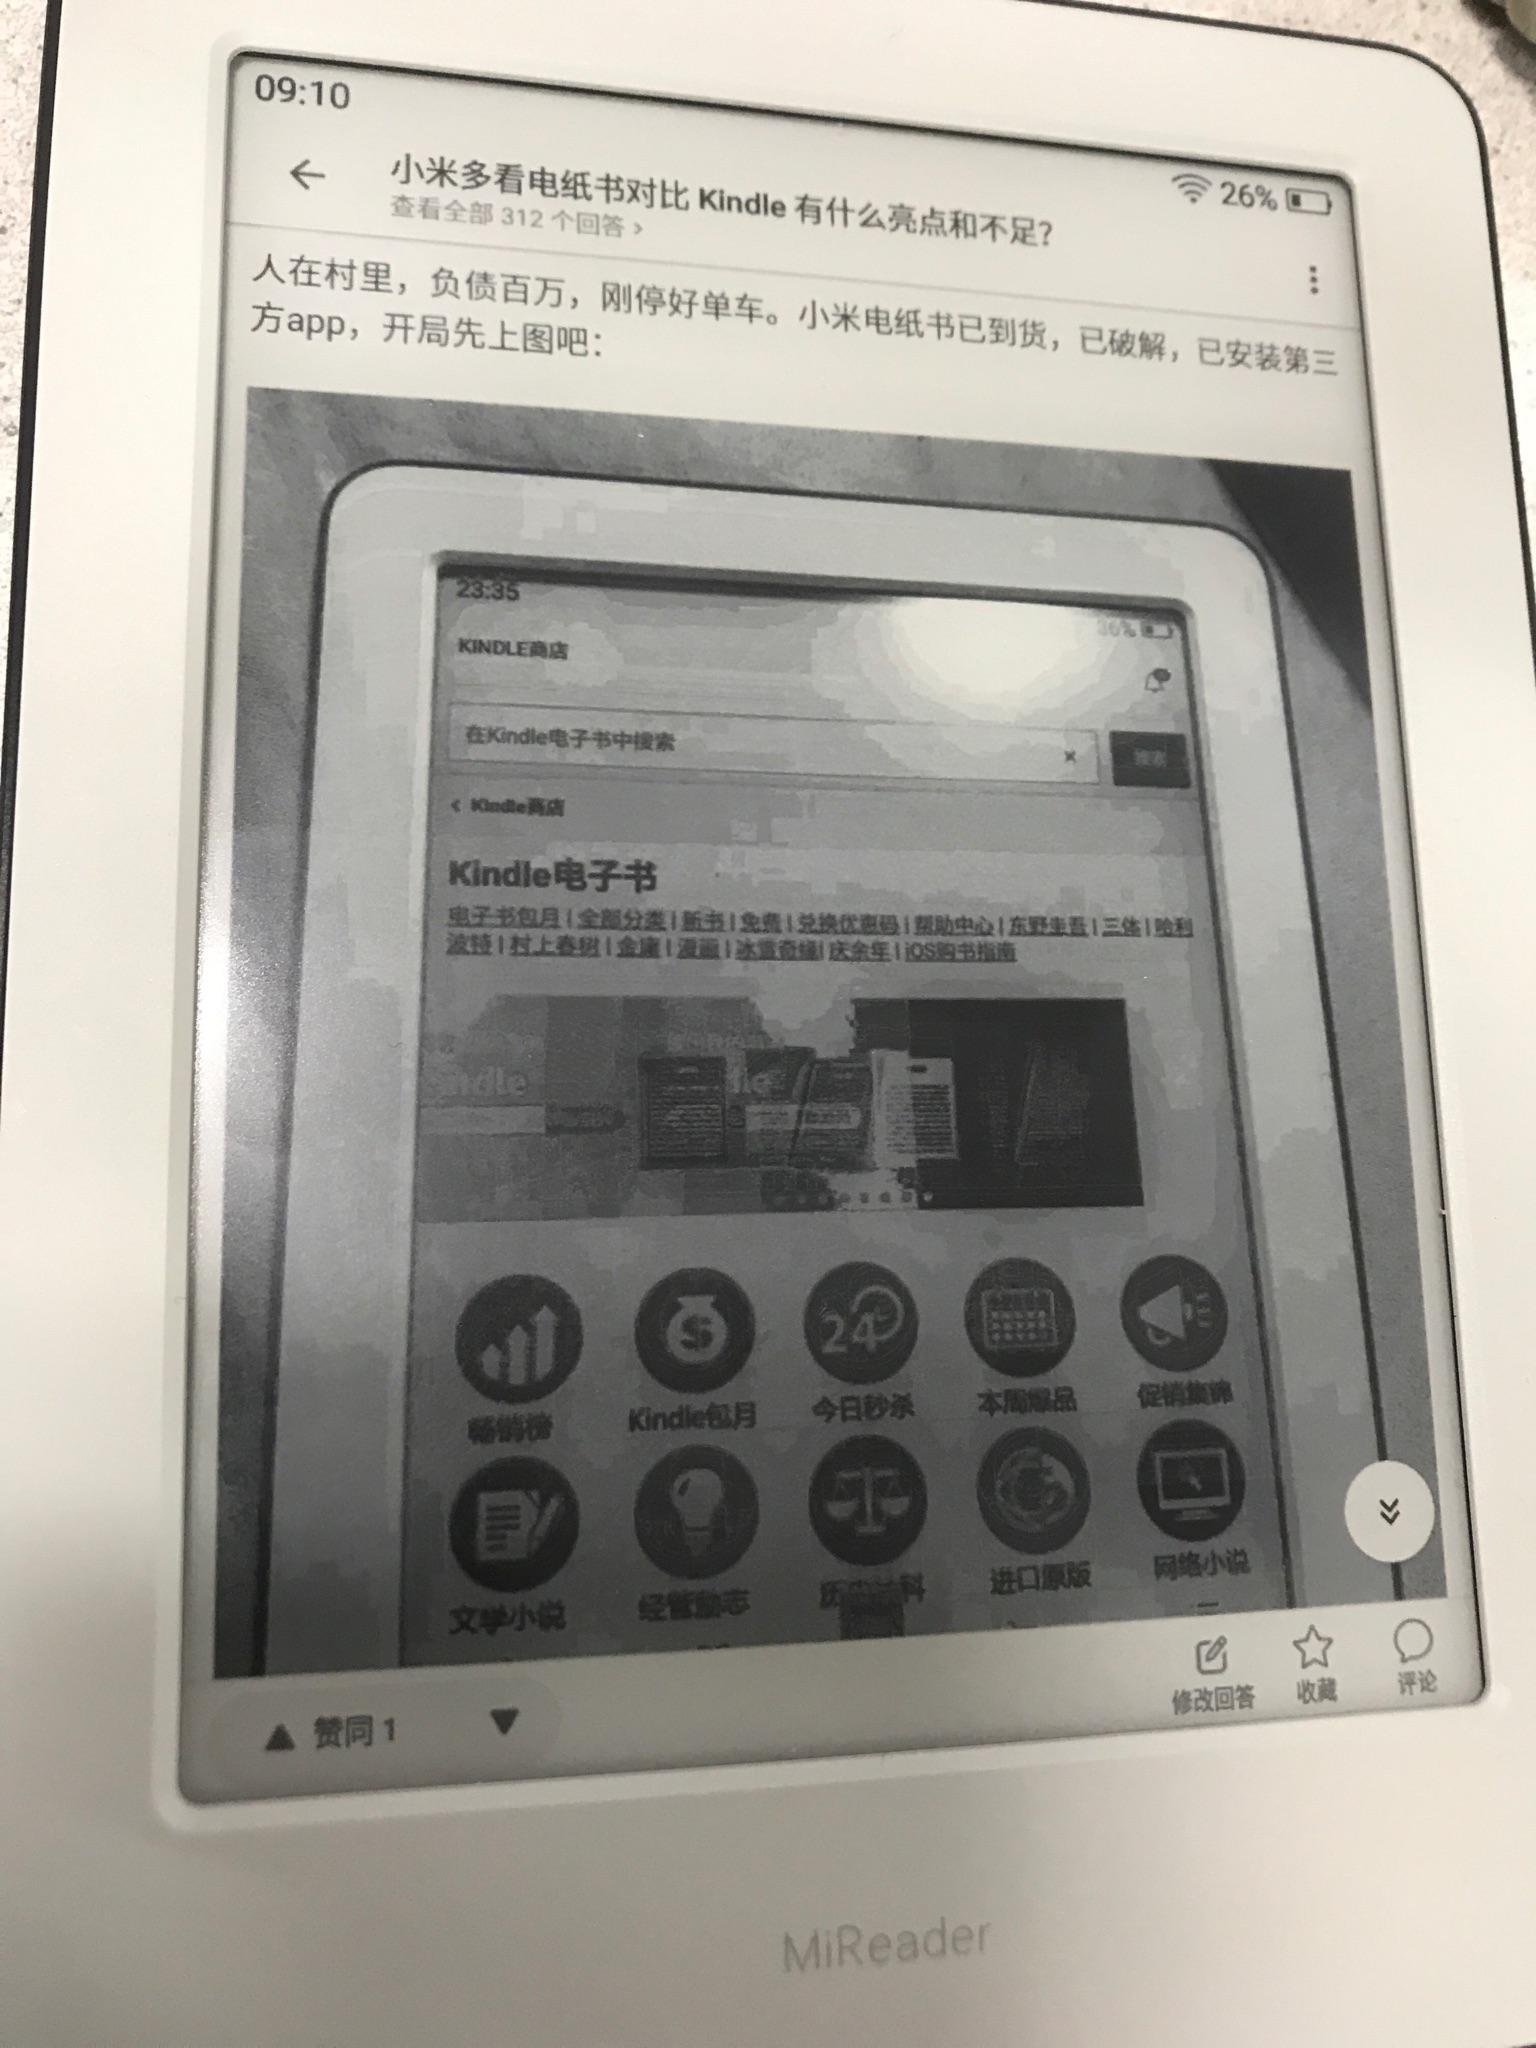 手机电子书软件_小米多看电子书是否可以装app? - 知乎